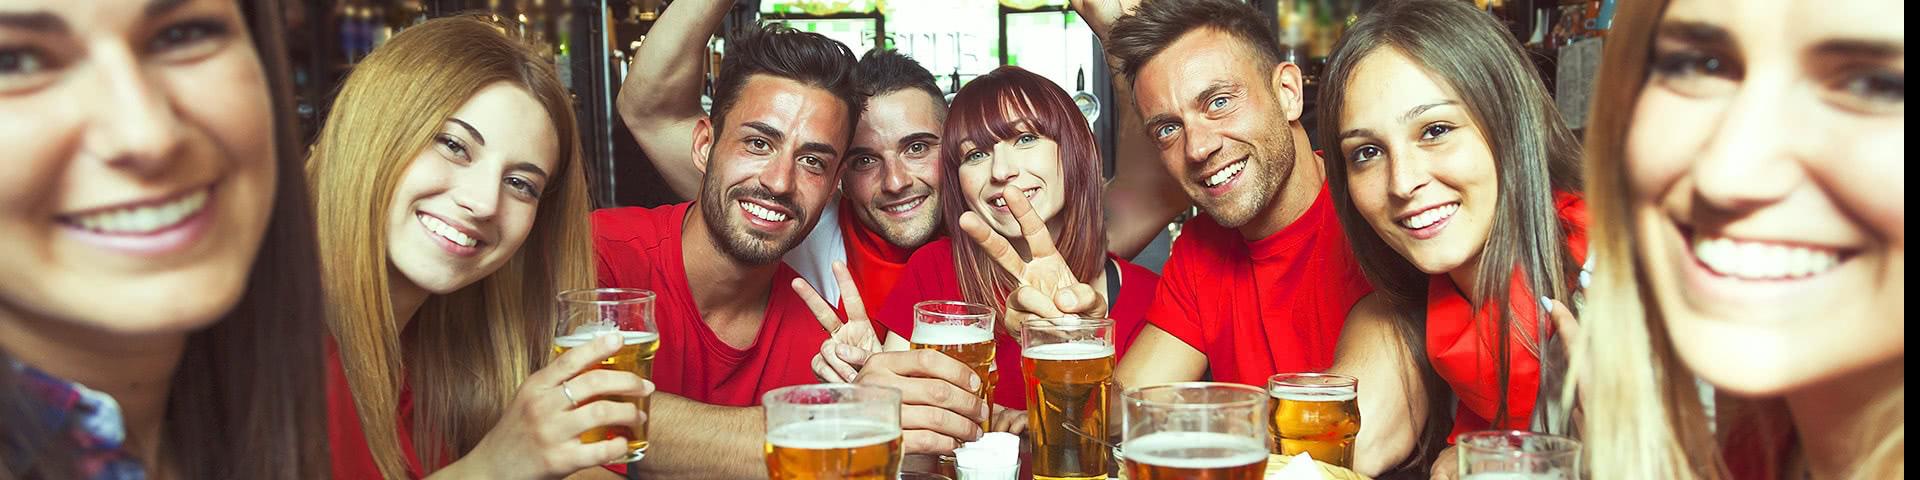 Gruppe trinkt zusammen Bier in Prag